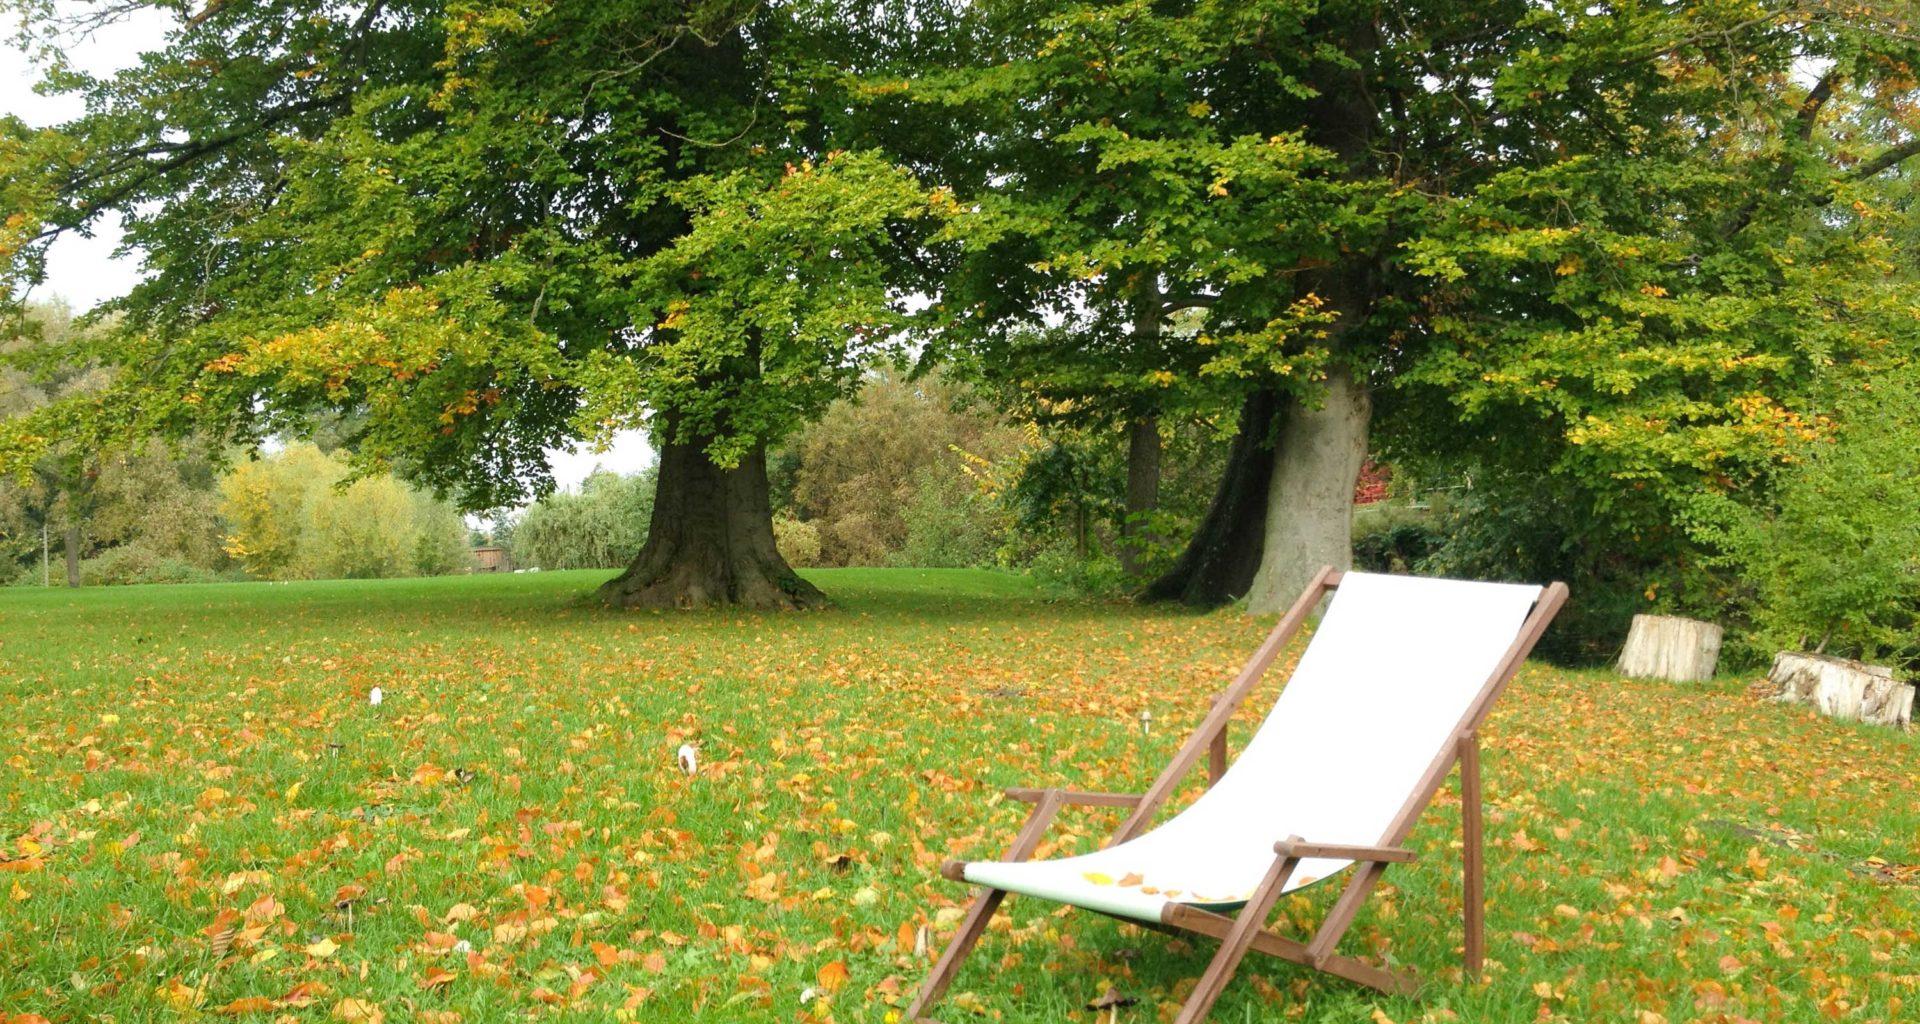 Leerer Liegestuhl in herbstlichem Park